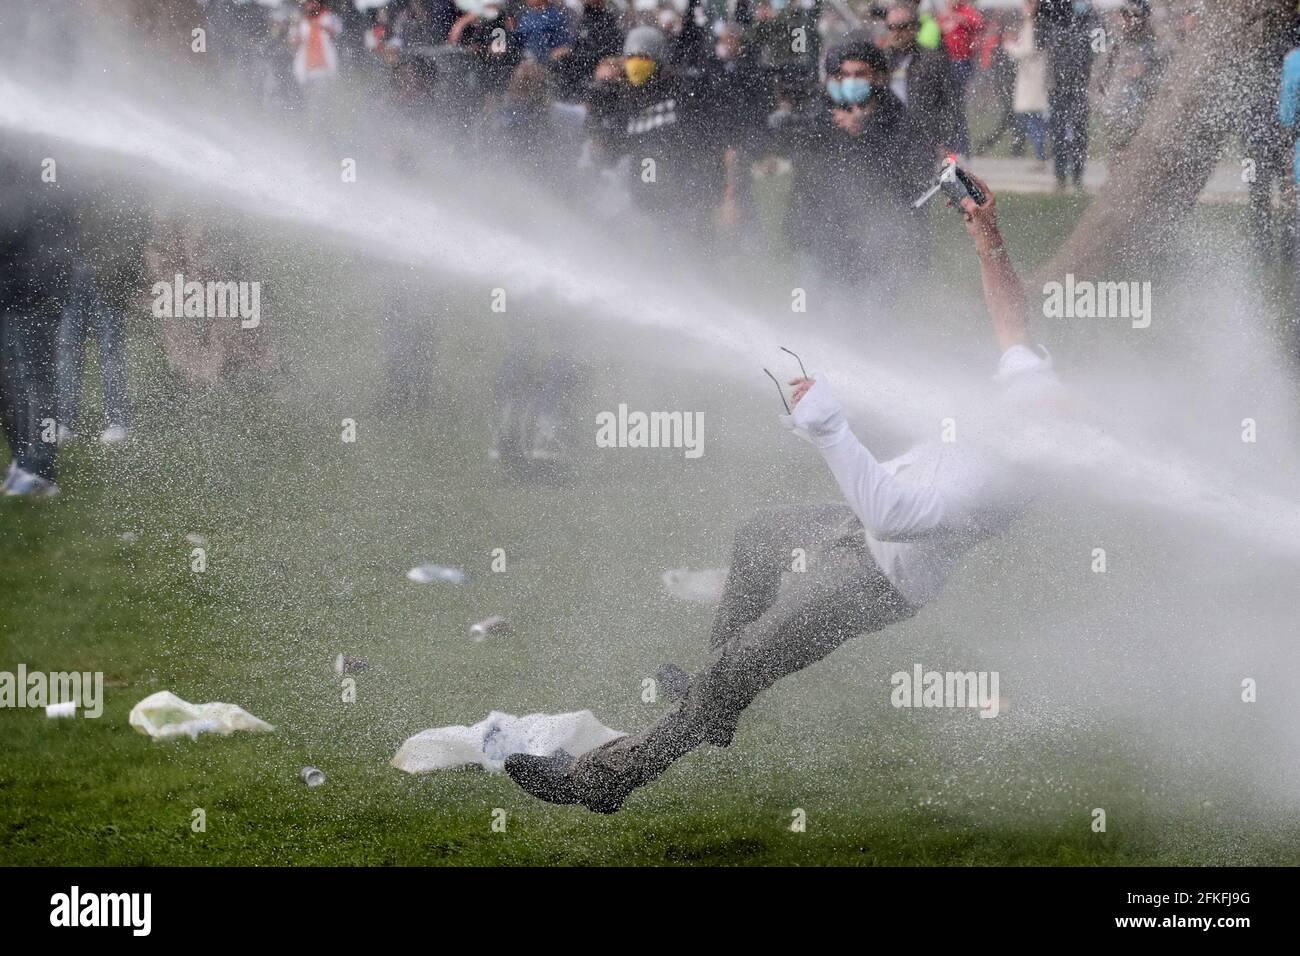 Un uomo è destato da un cannone d'acqua durante gli scontri, mentre la gente si riunisce al parco Bois de la Cambre/Ter Kamerenbos per un partito chiamato 'la Boum 2' in contrasto con la malattia del coronavirus del Belgio (COVID-19) misure di allontanamento sociale e restrizioni, a Bruxelles, Belgio 1 maggio 2021. REUTERS/Yves Herman Foto Stock